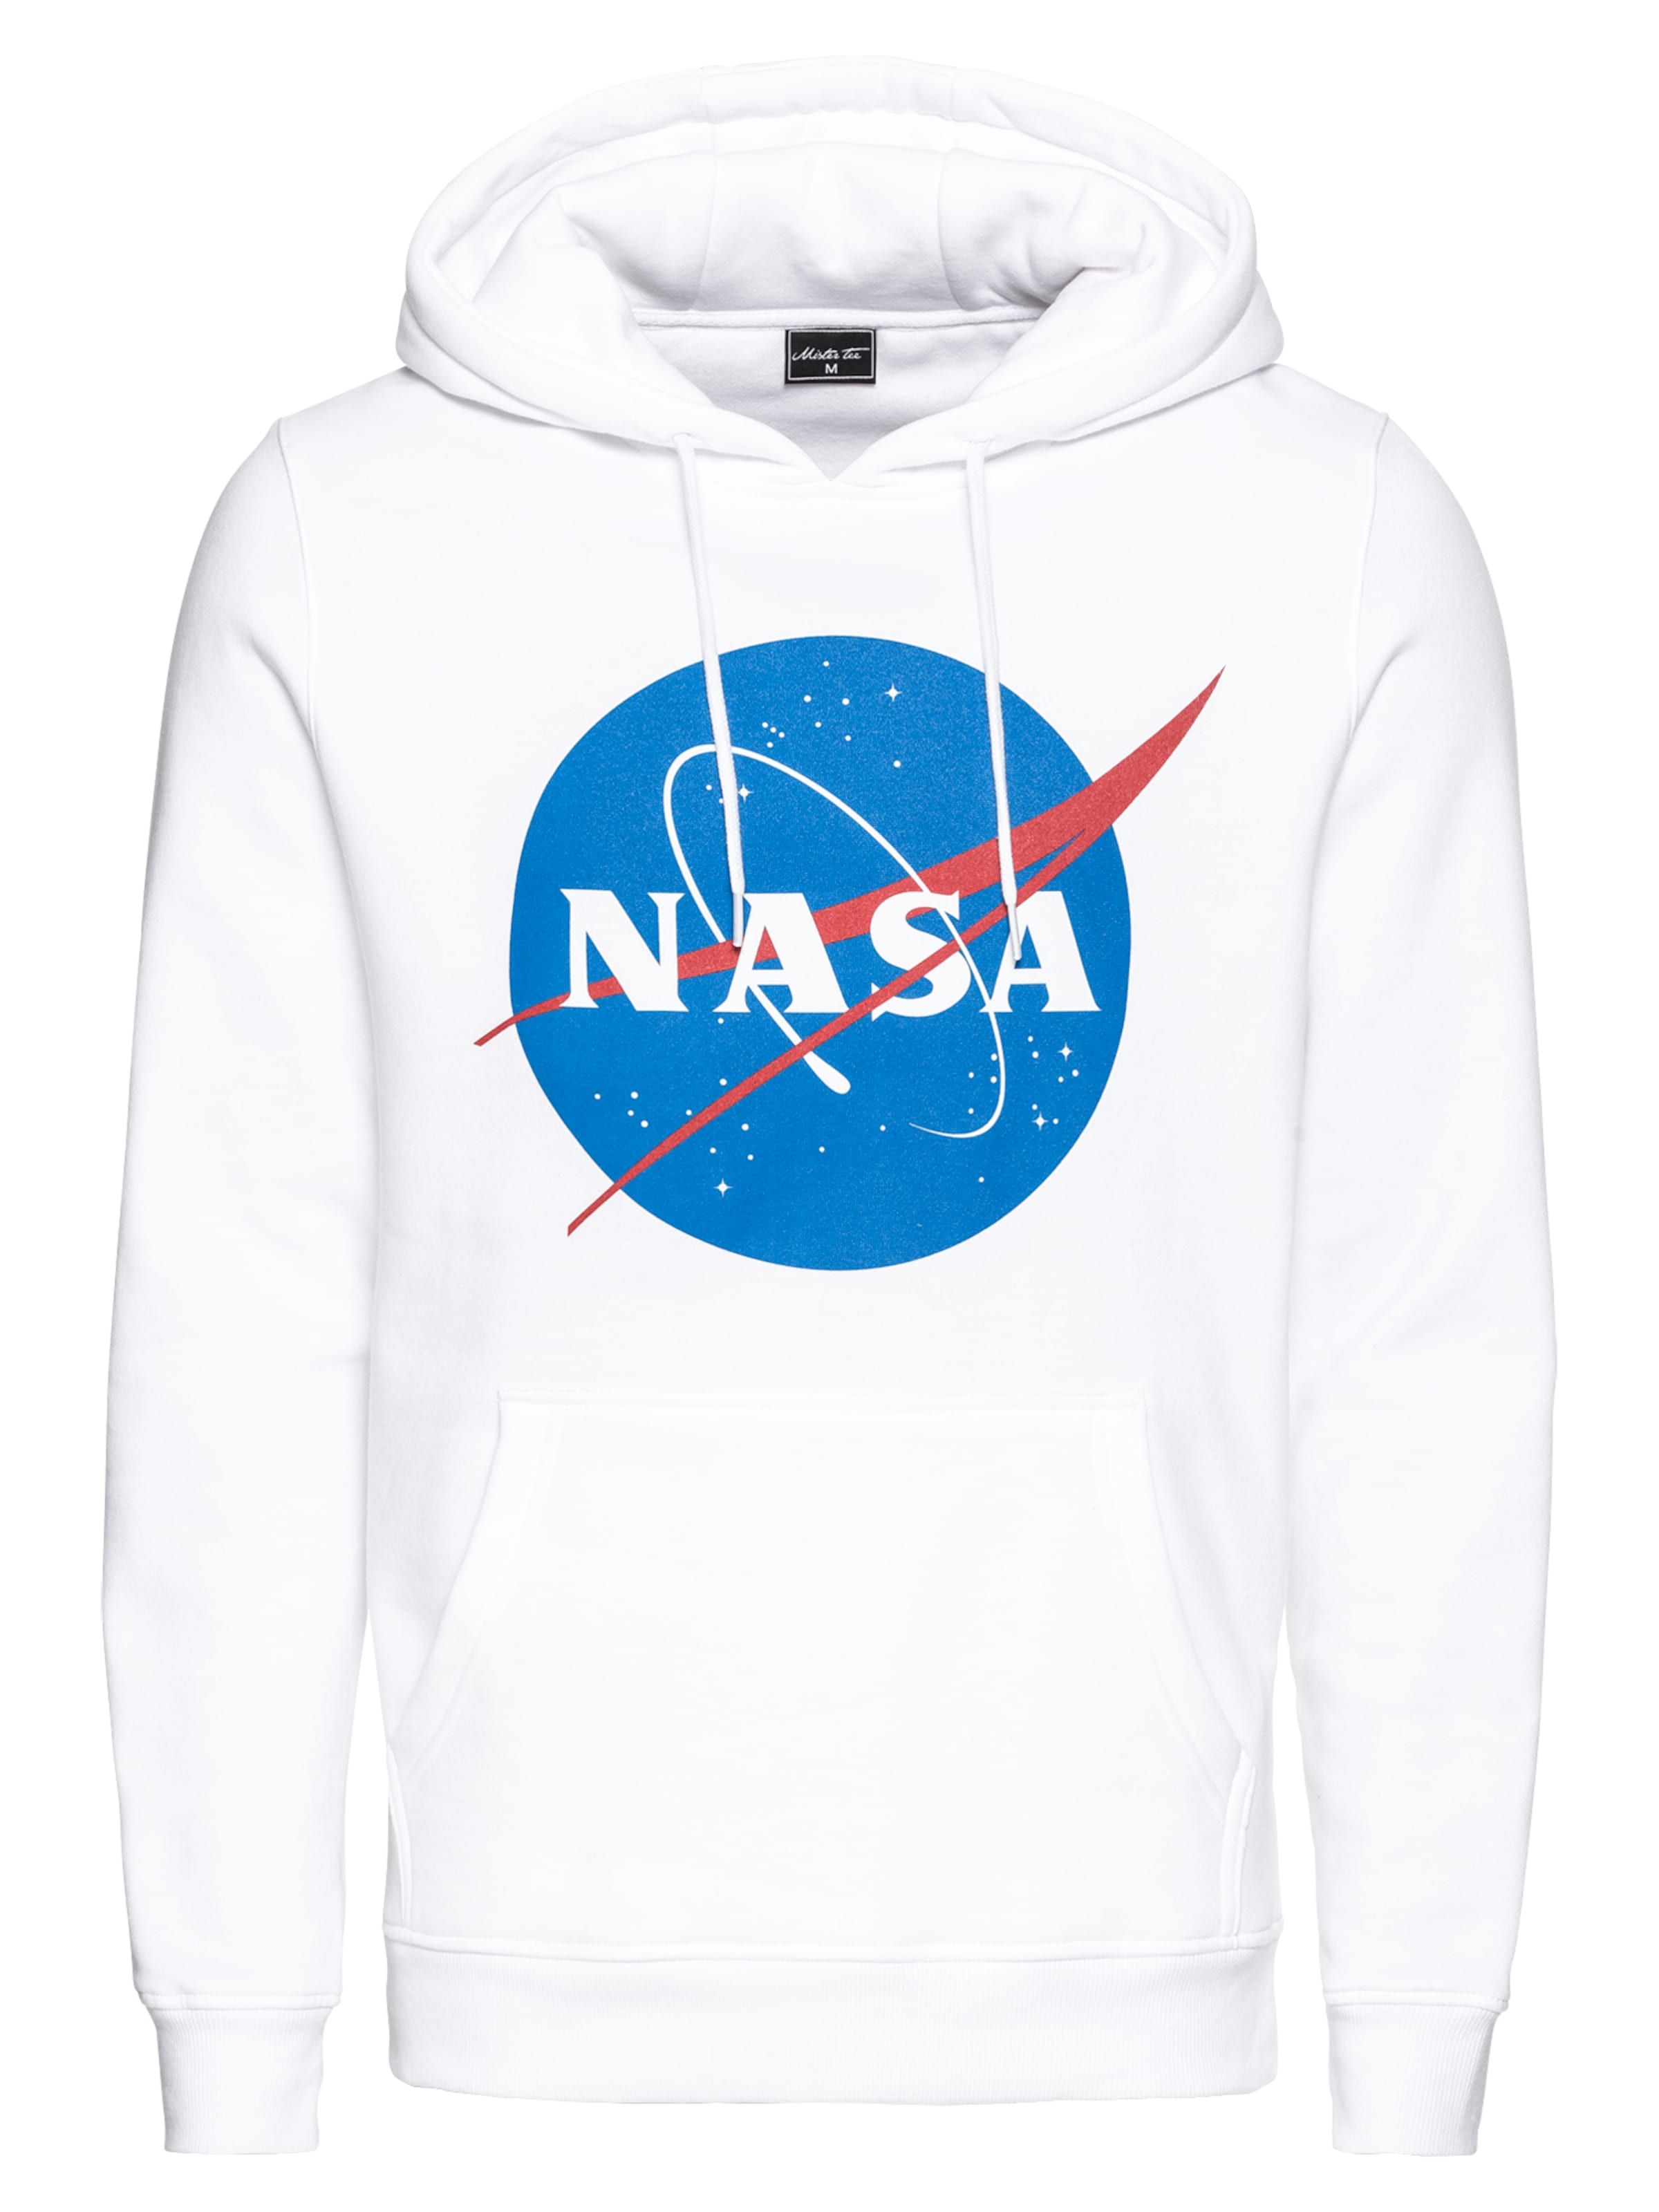 Mister Tee 'nasa' BlauRot Sweatshirt In Weiß rshQCxtdBo